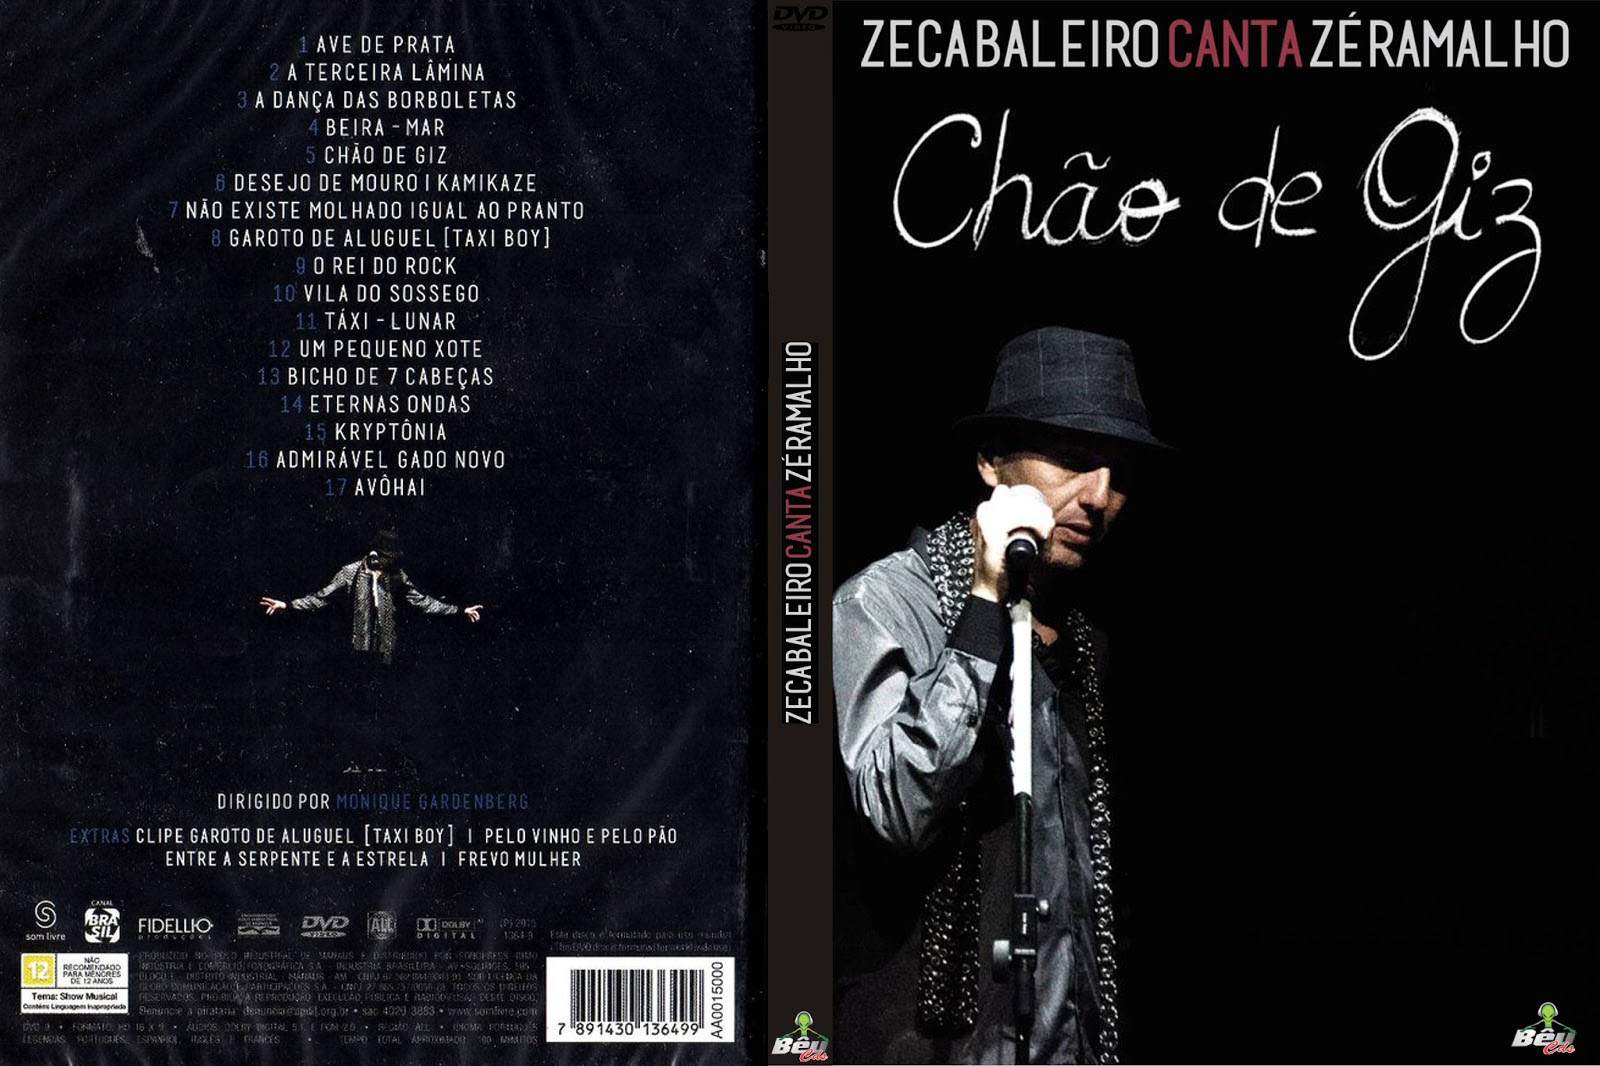 Download Zeca Baleiro Canta Zé Ramalho, Chão de Giz DVDRip 2015